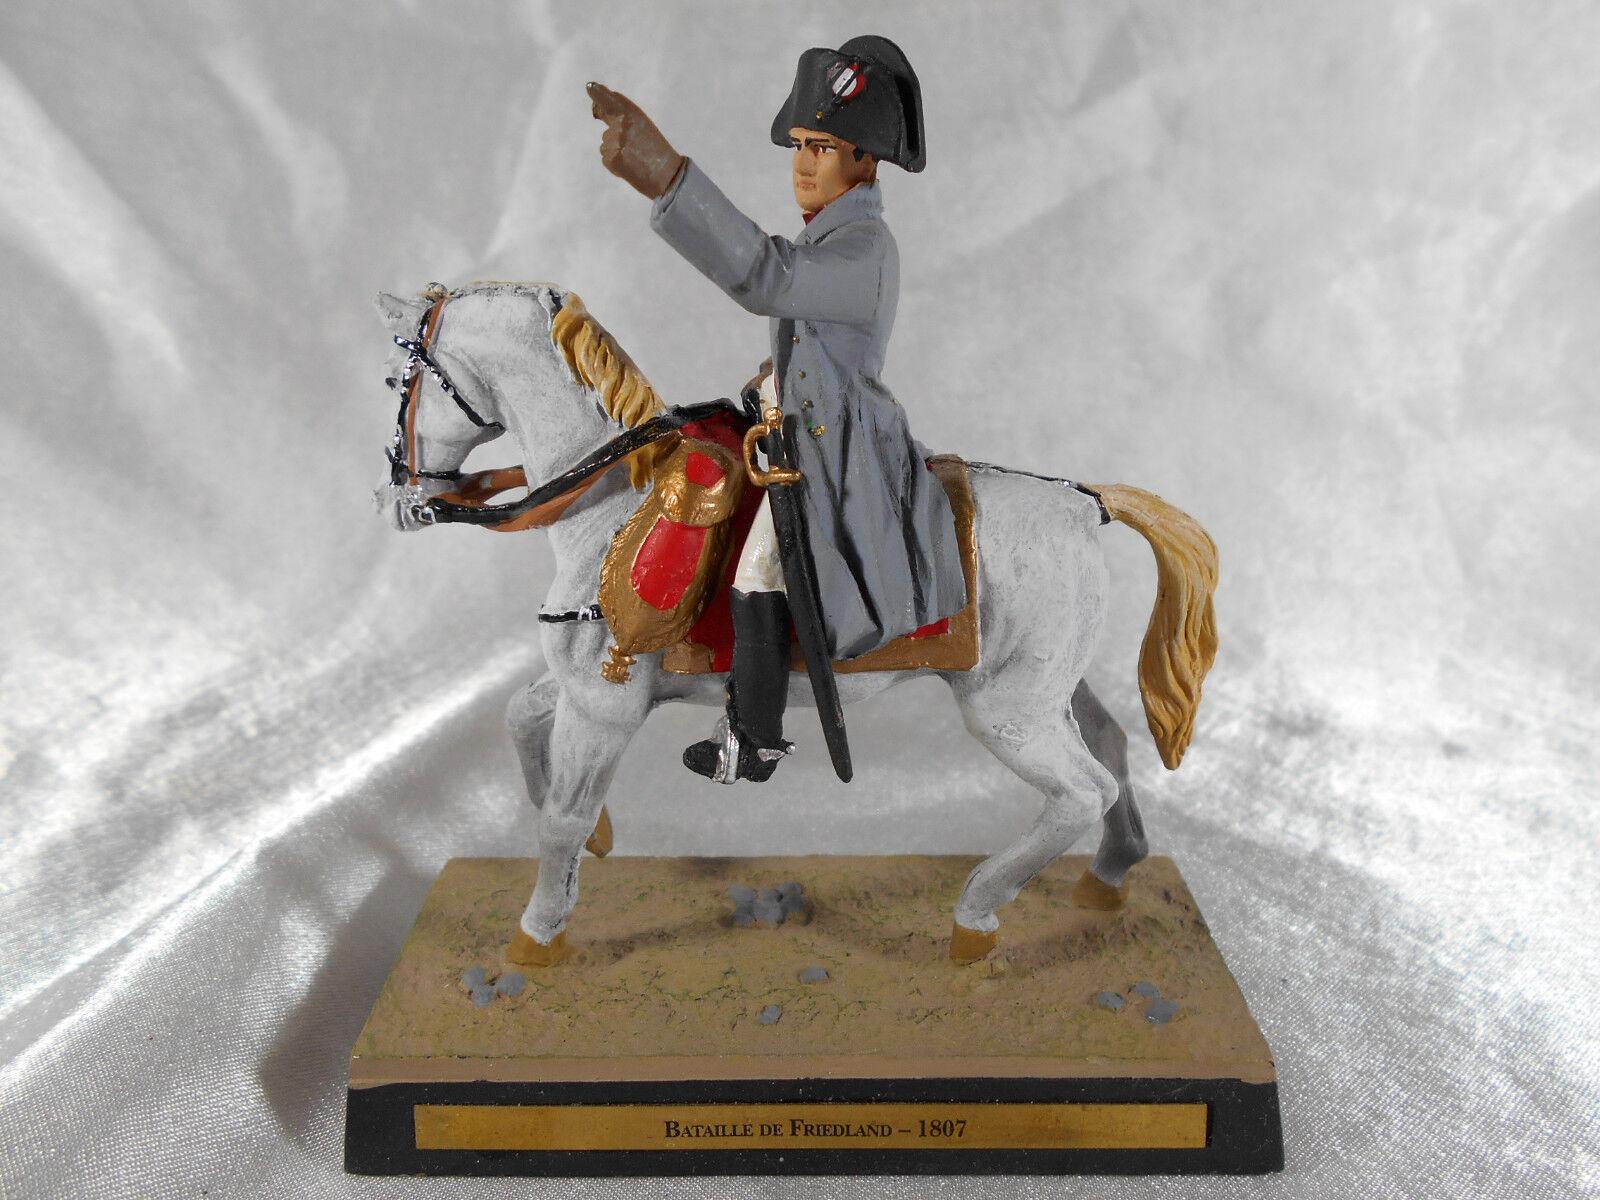 FIGURINE EN PLOMB   NAPOLéON 1er A LA BAsize DE FRIEDLAND 1807